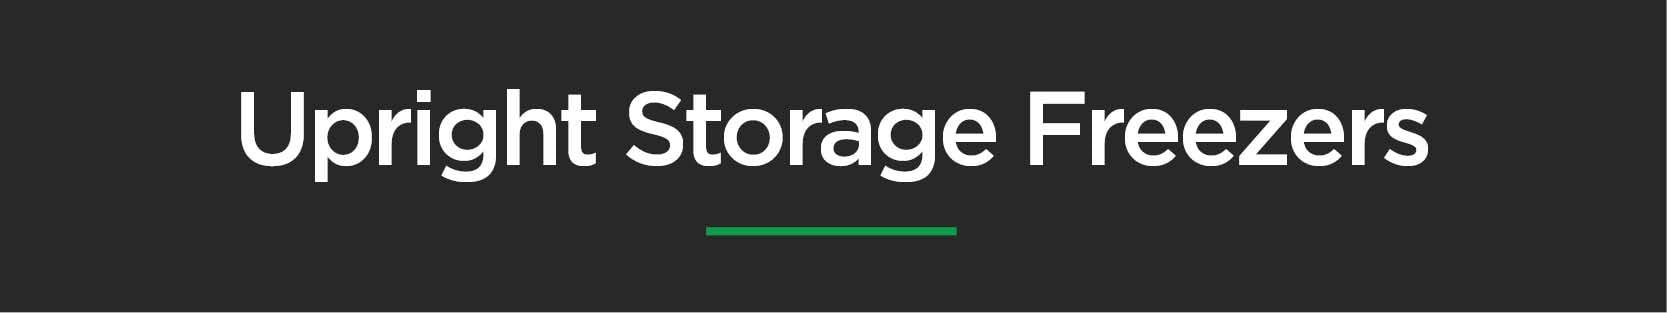 Upright Storage Freezers